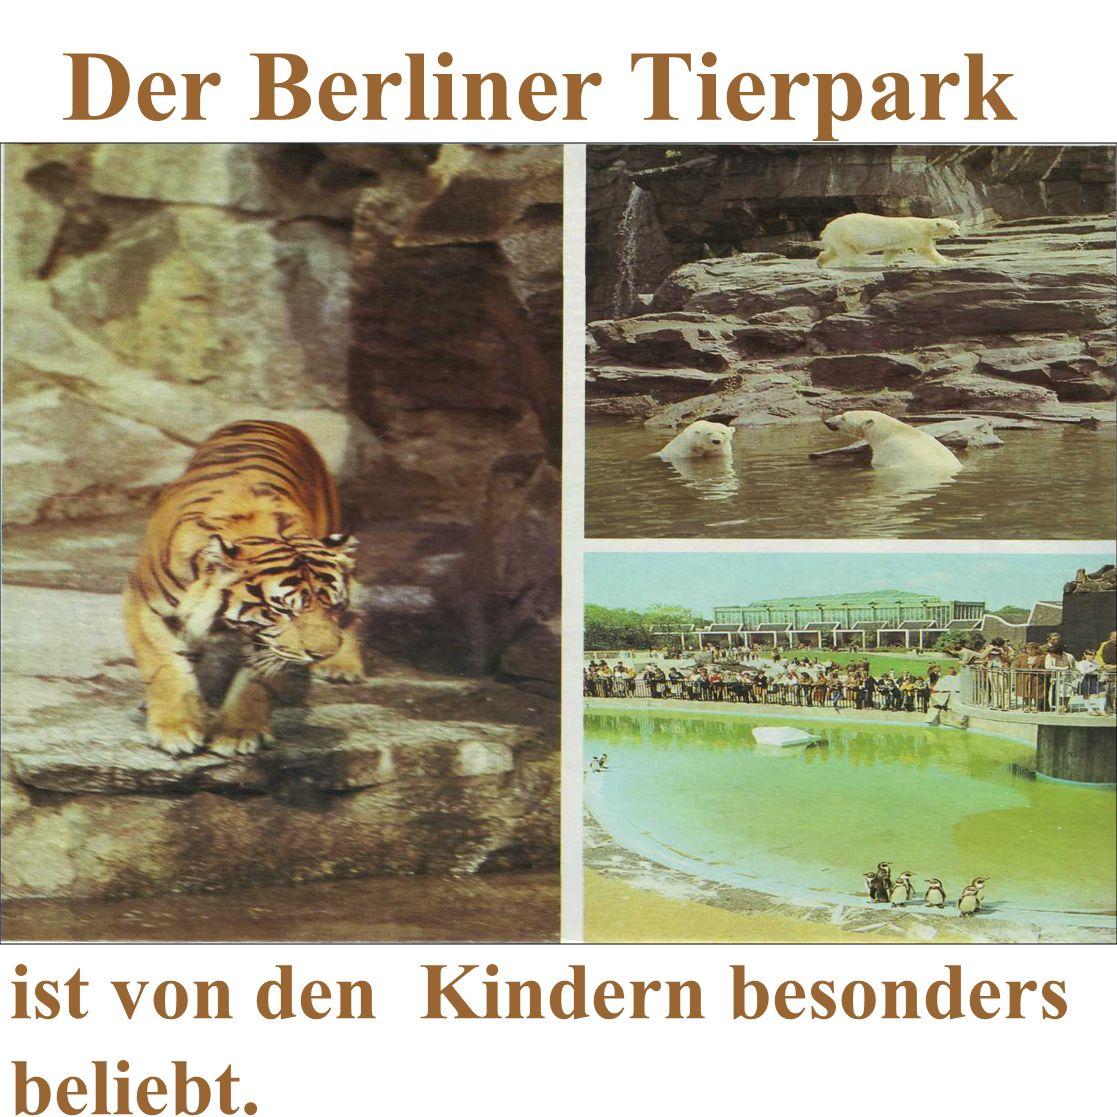 Der Berliner Tierpark ist von den Kindern besonders beliebt.